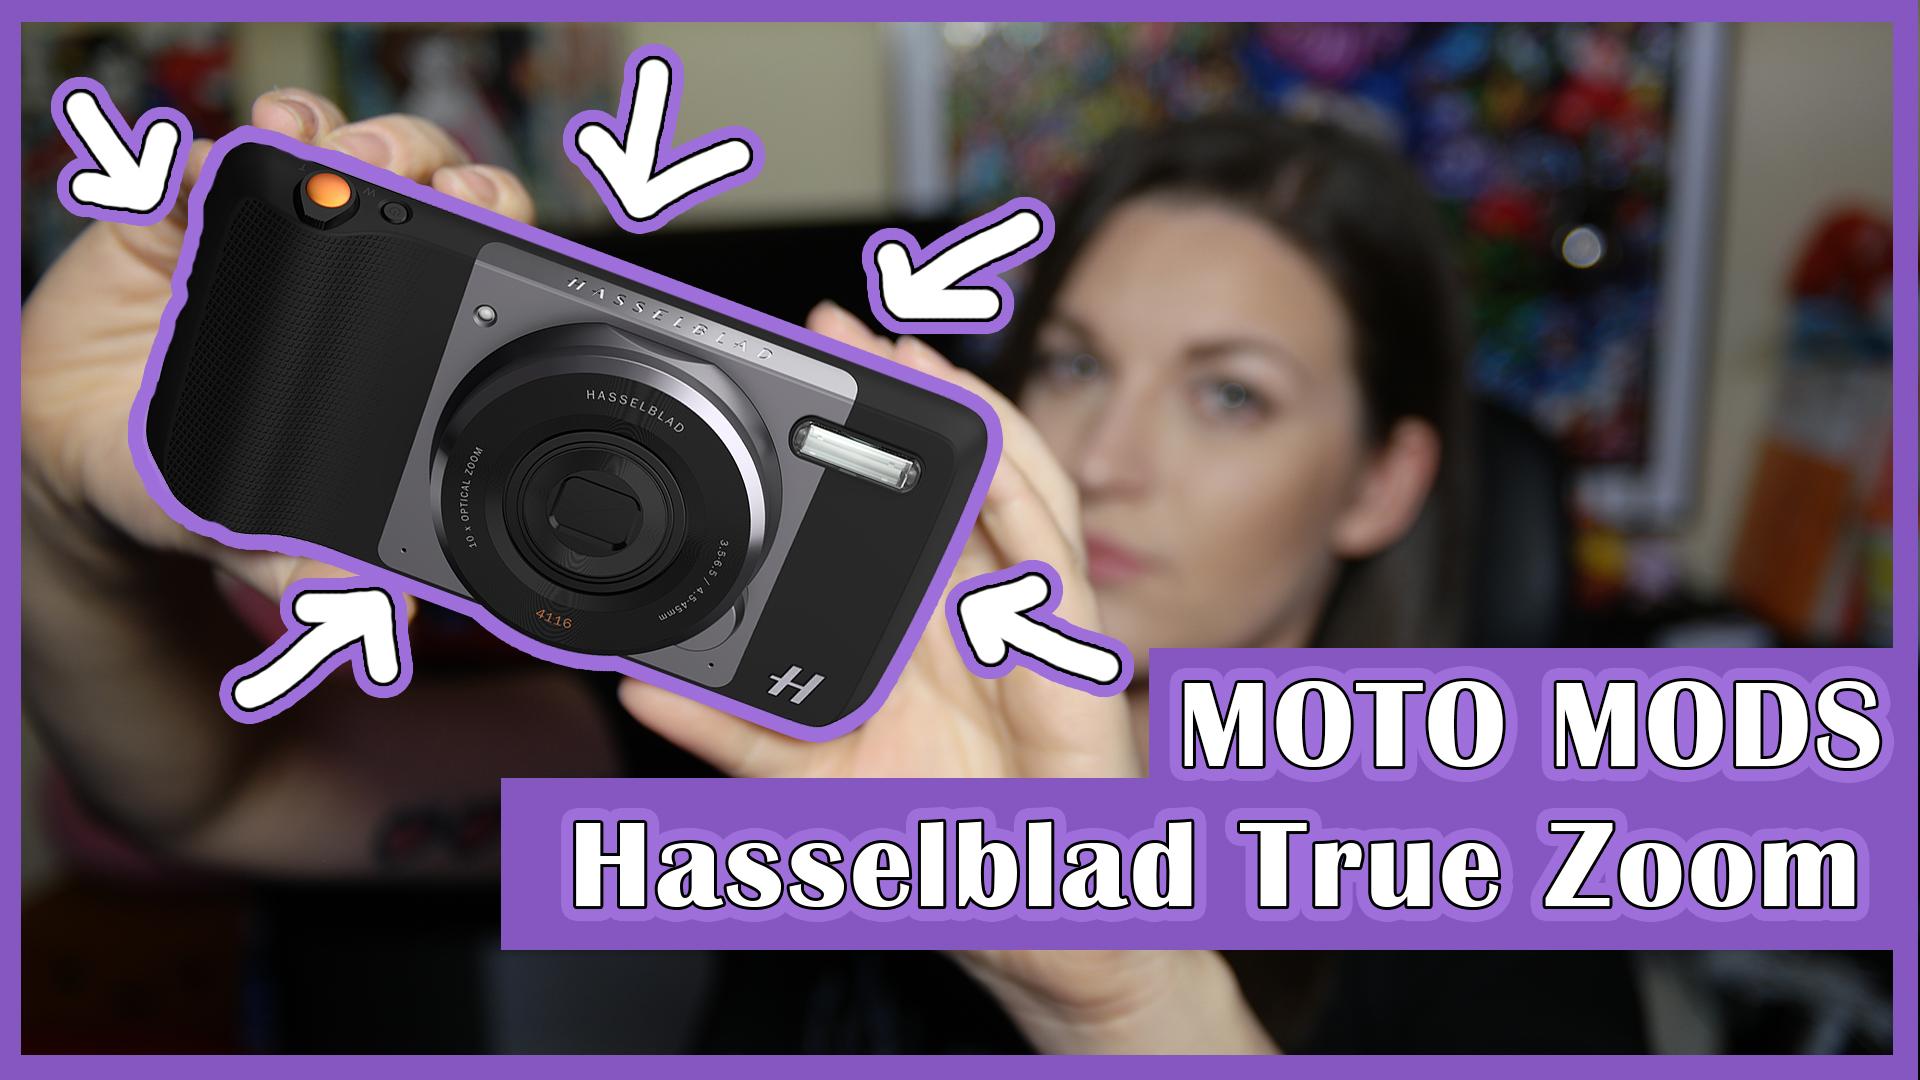 Recensione Hasselblad True Zoom per Moto Z e Moto Z Play thumbnail